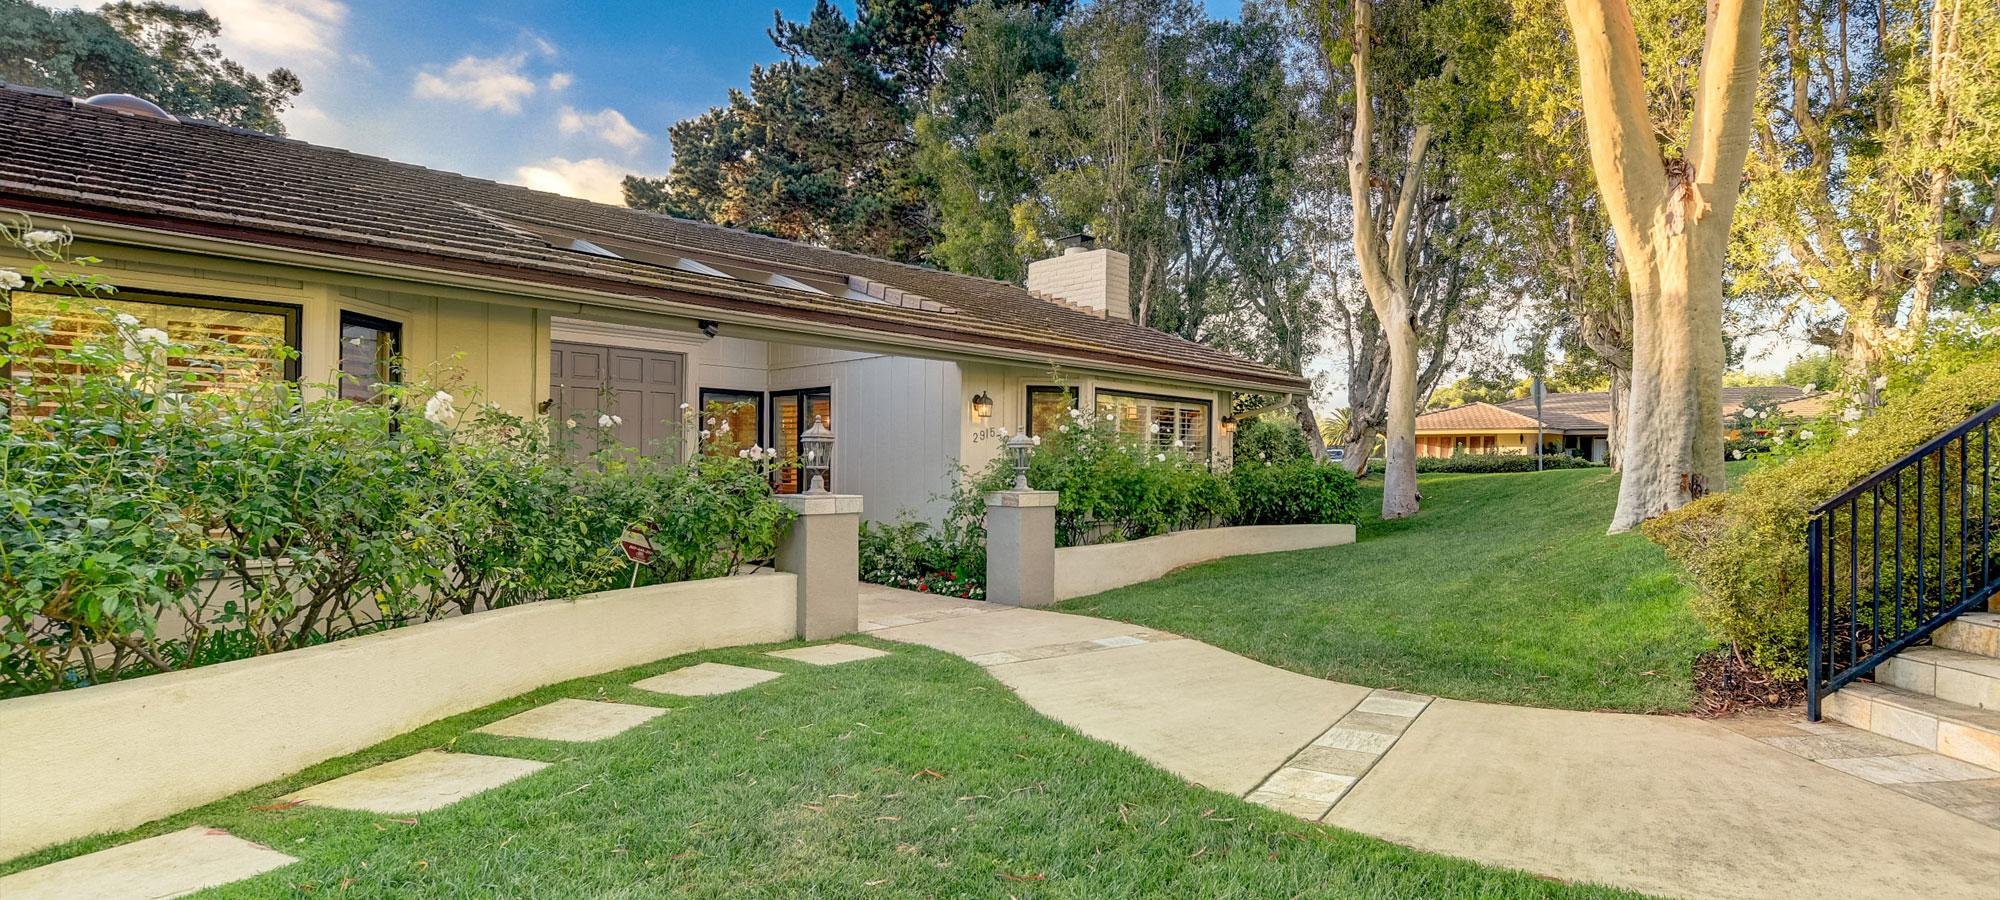 2915 Woodford Dr La Jolla, CA 92037